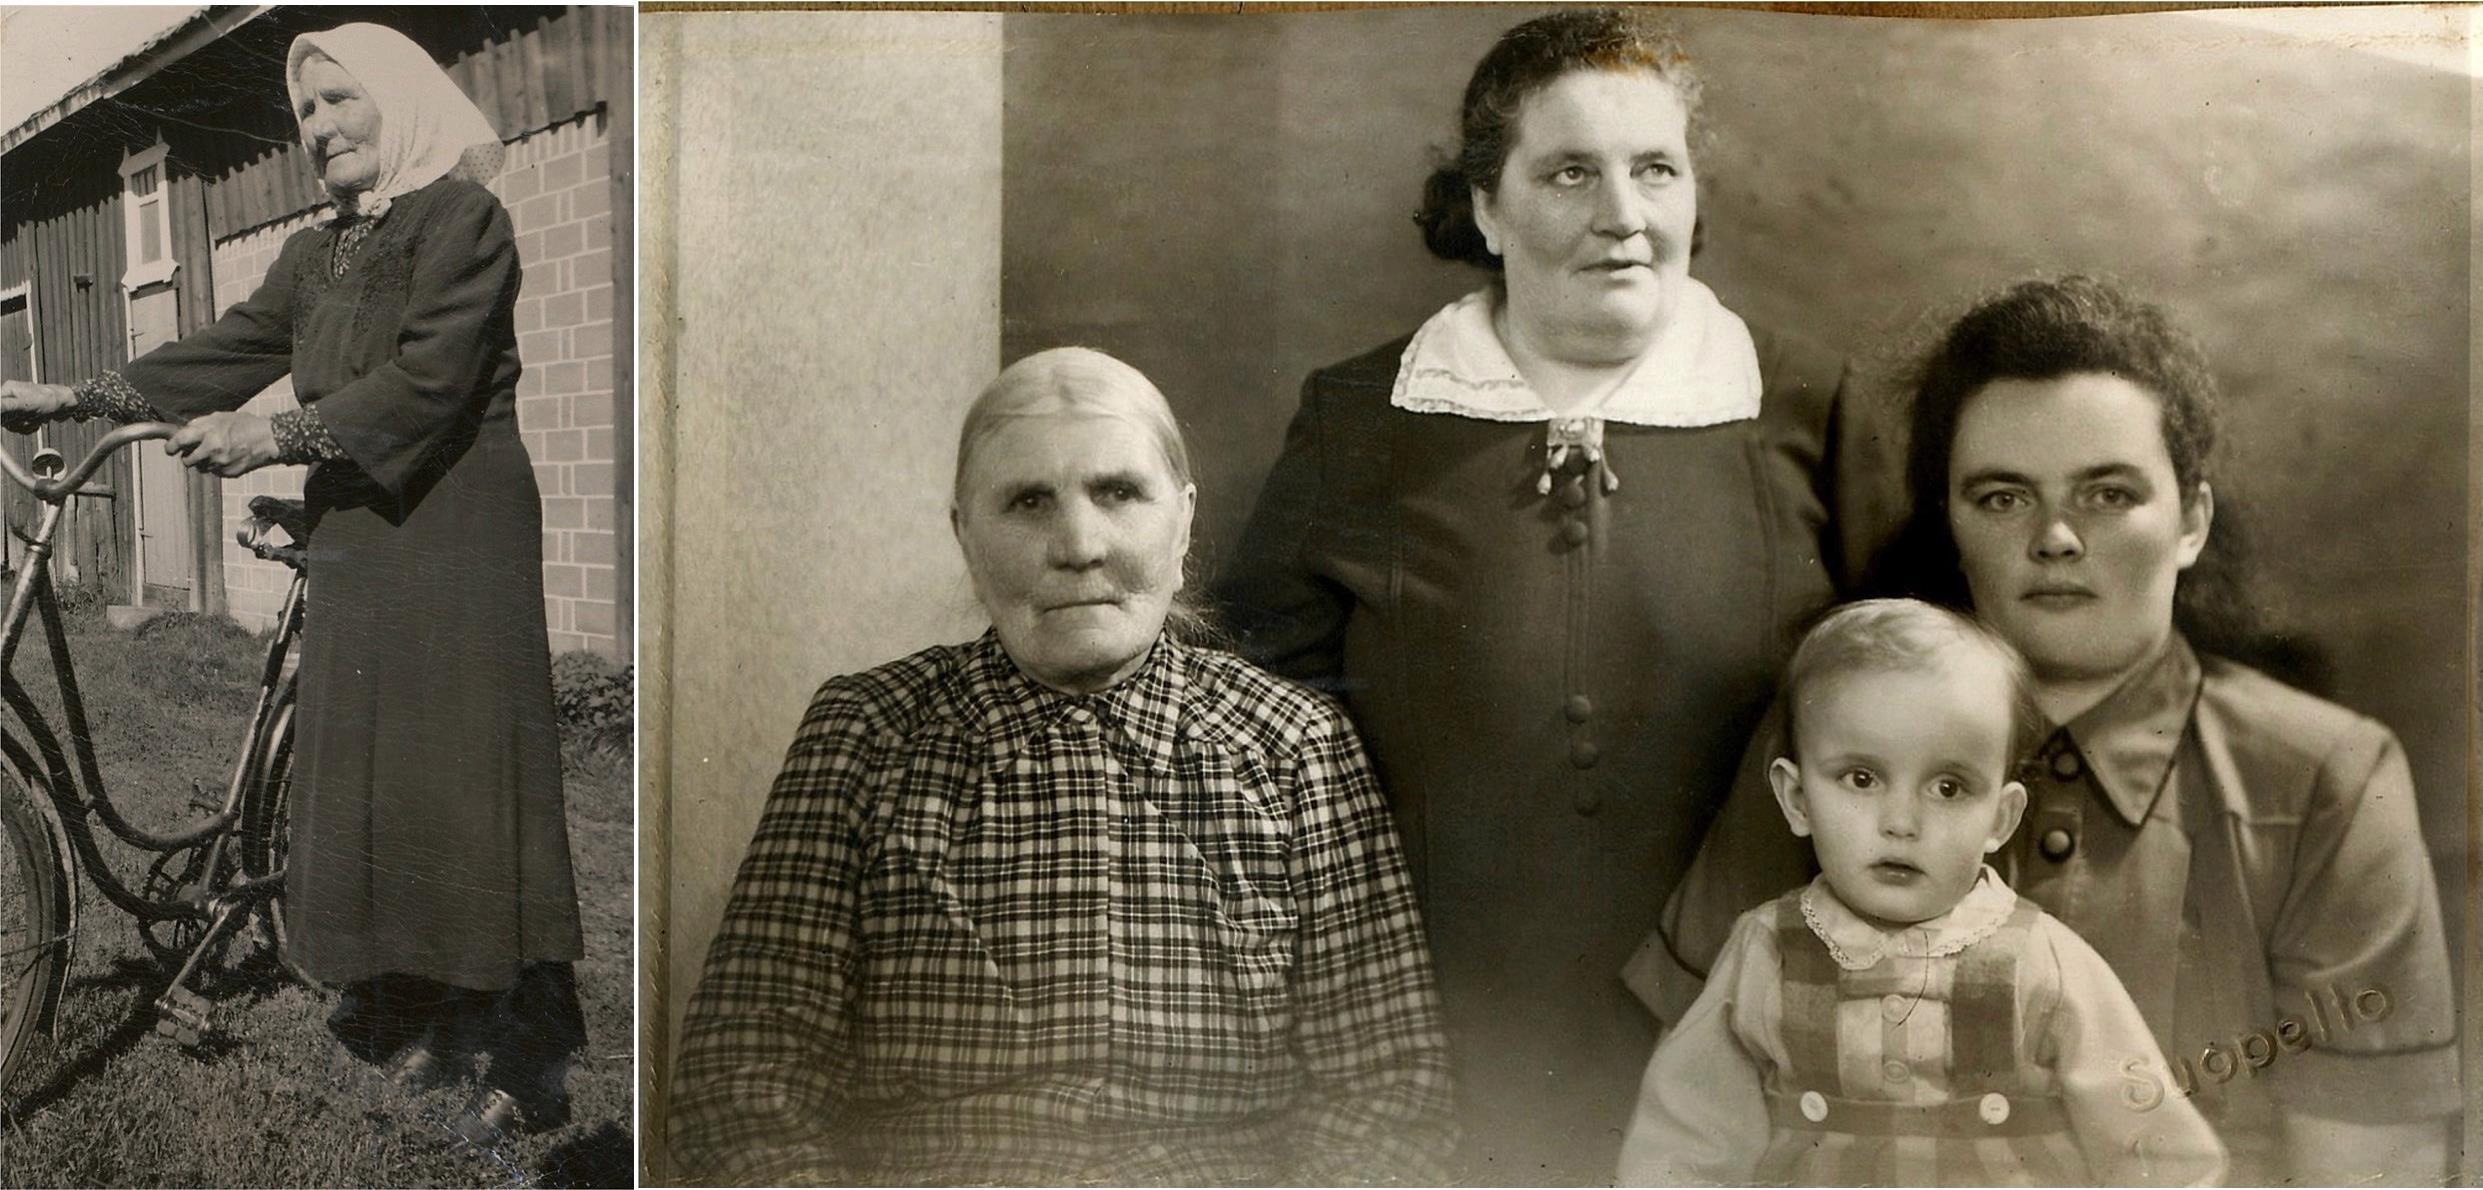 T.v. Anna Kajsa som först var gift med Josef Lillkull men efter hans död i Syd-Afrika så gifte hon om sig med Niklas Nyström. På fotot t.h. sitter Anna Kajsa med sin dotter Hulda Norrgård, längst till höger barnbarnet Elsi, gift Ingvesback med sin dotter i famnen. Fyra generationer på samma foto var den tiden inte riktigt vanligt.